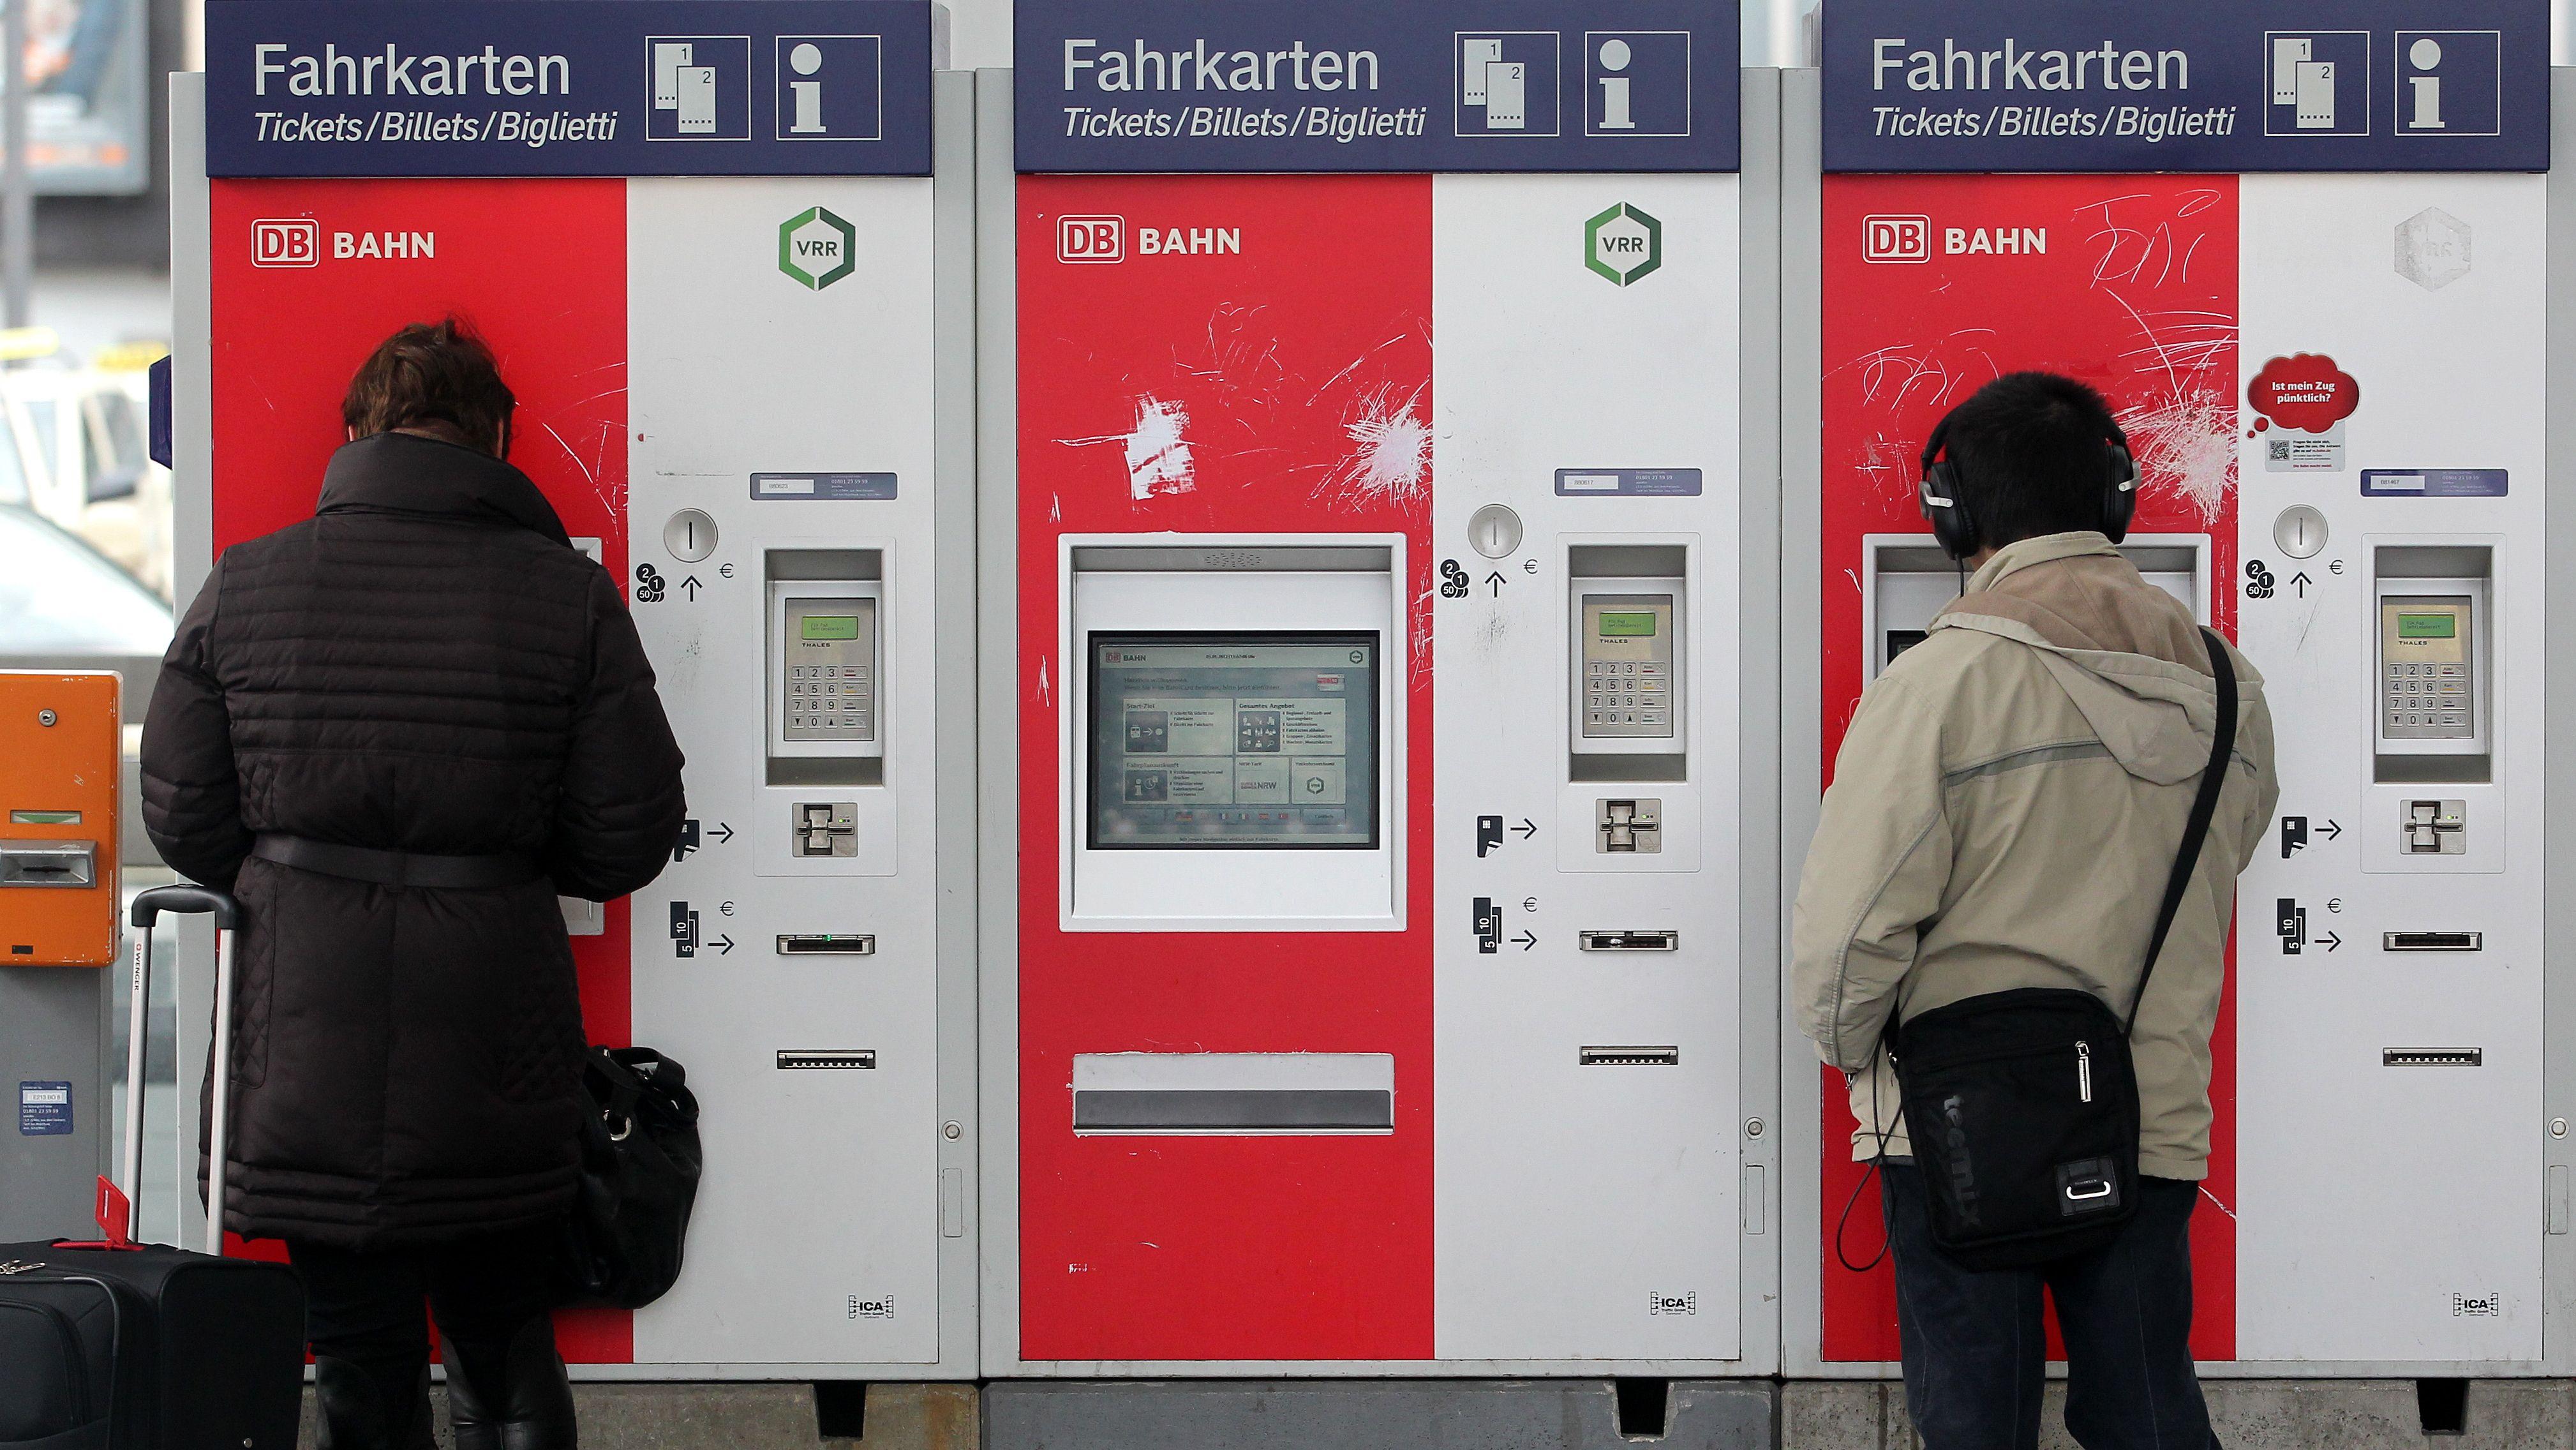 Fahrkartenautomaten der Deutschen Bahn (Symbolbild)